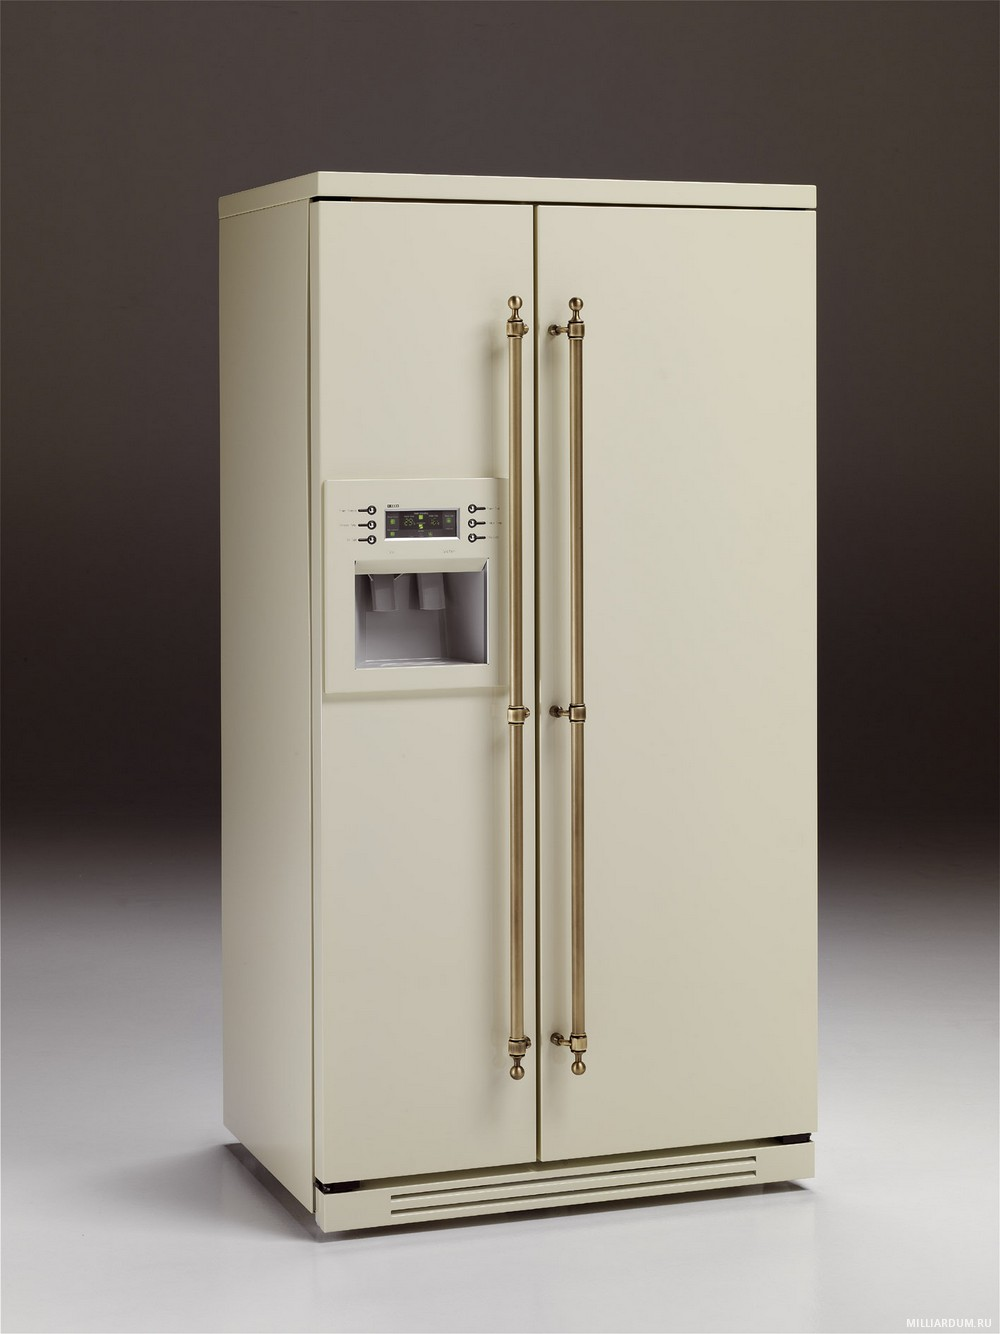 Холодильники ILVE